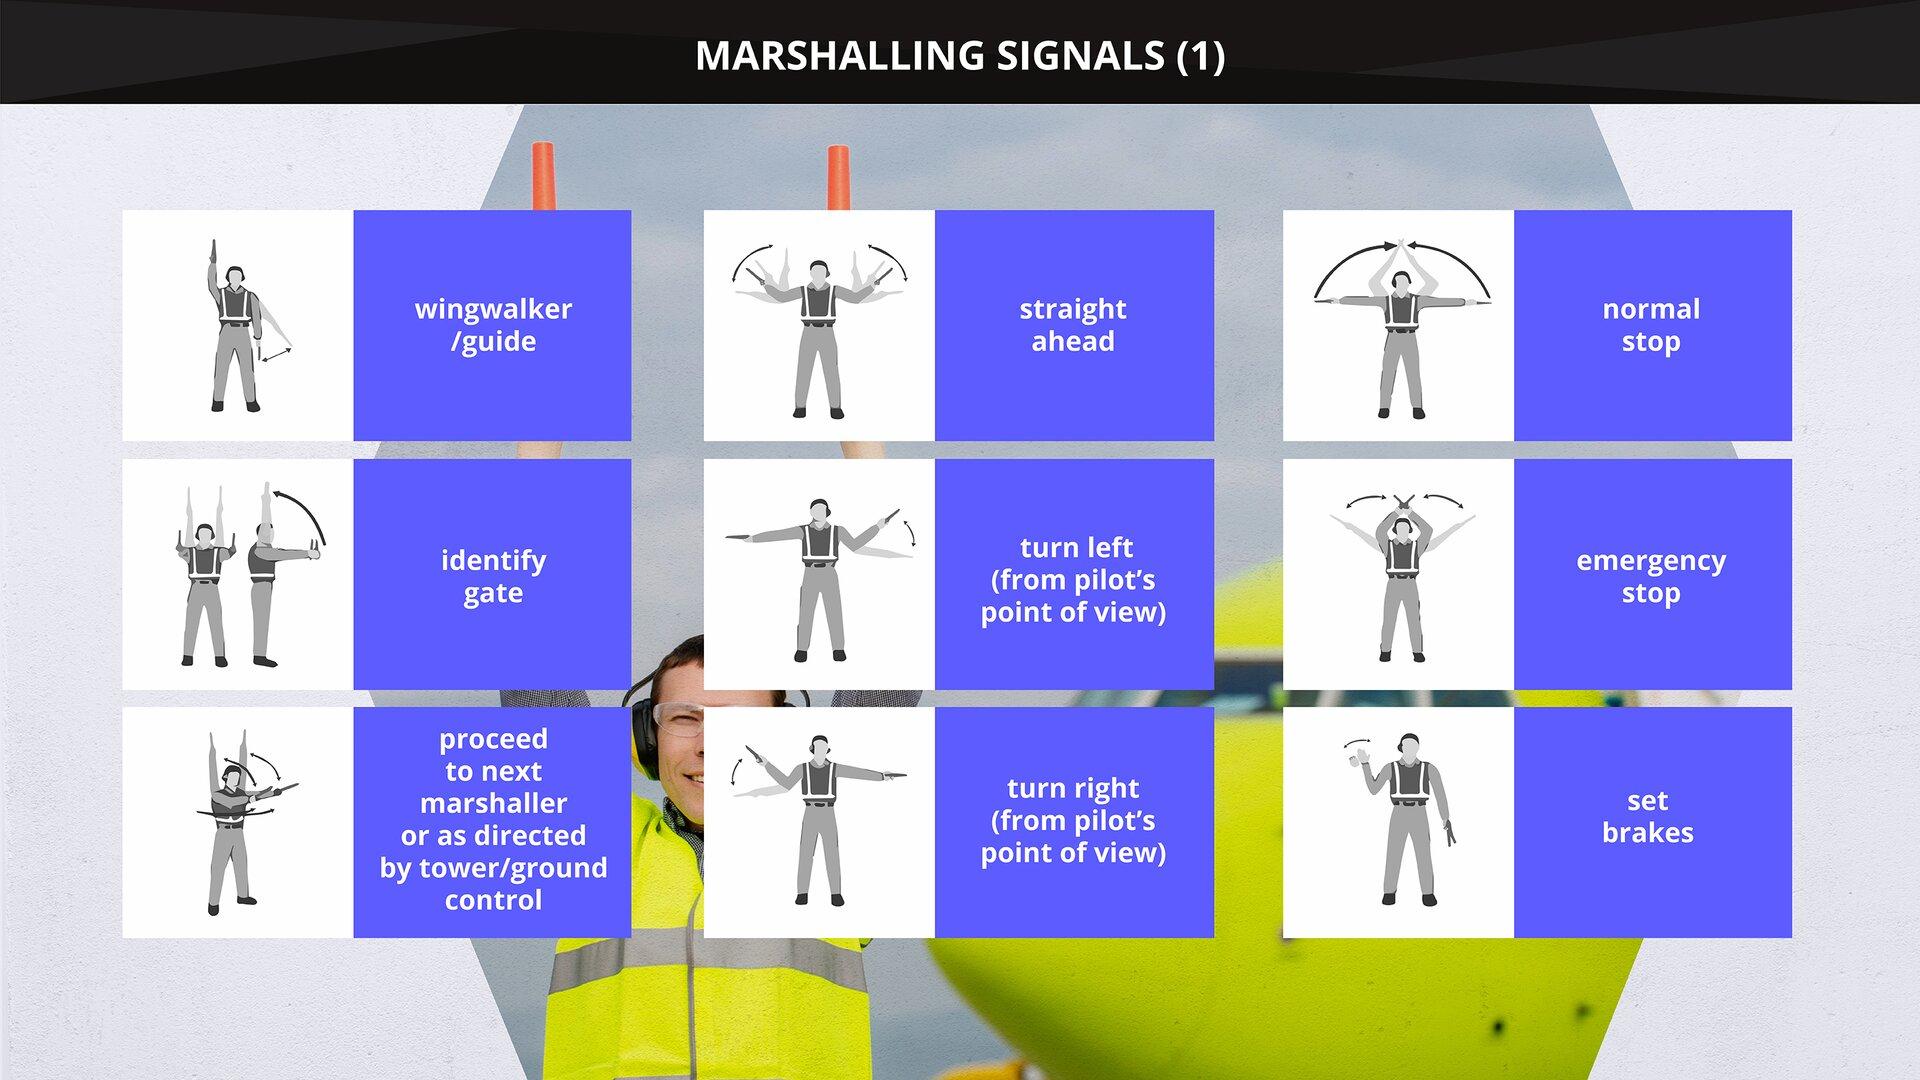 The image presents marshalling signals from aground controller to an aircraft. Grafika przedstawia sygnały manewrowania od koordynatora ruchu naziemnego do statku powietrznego.